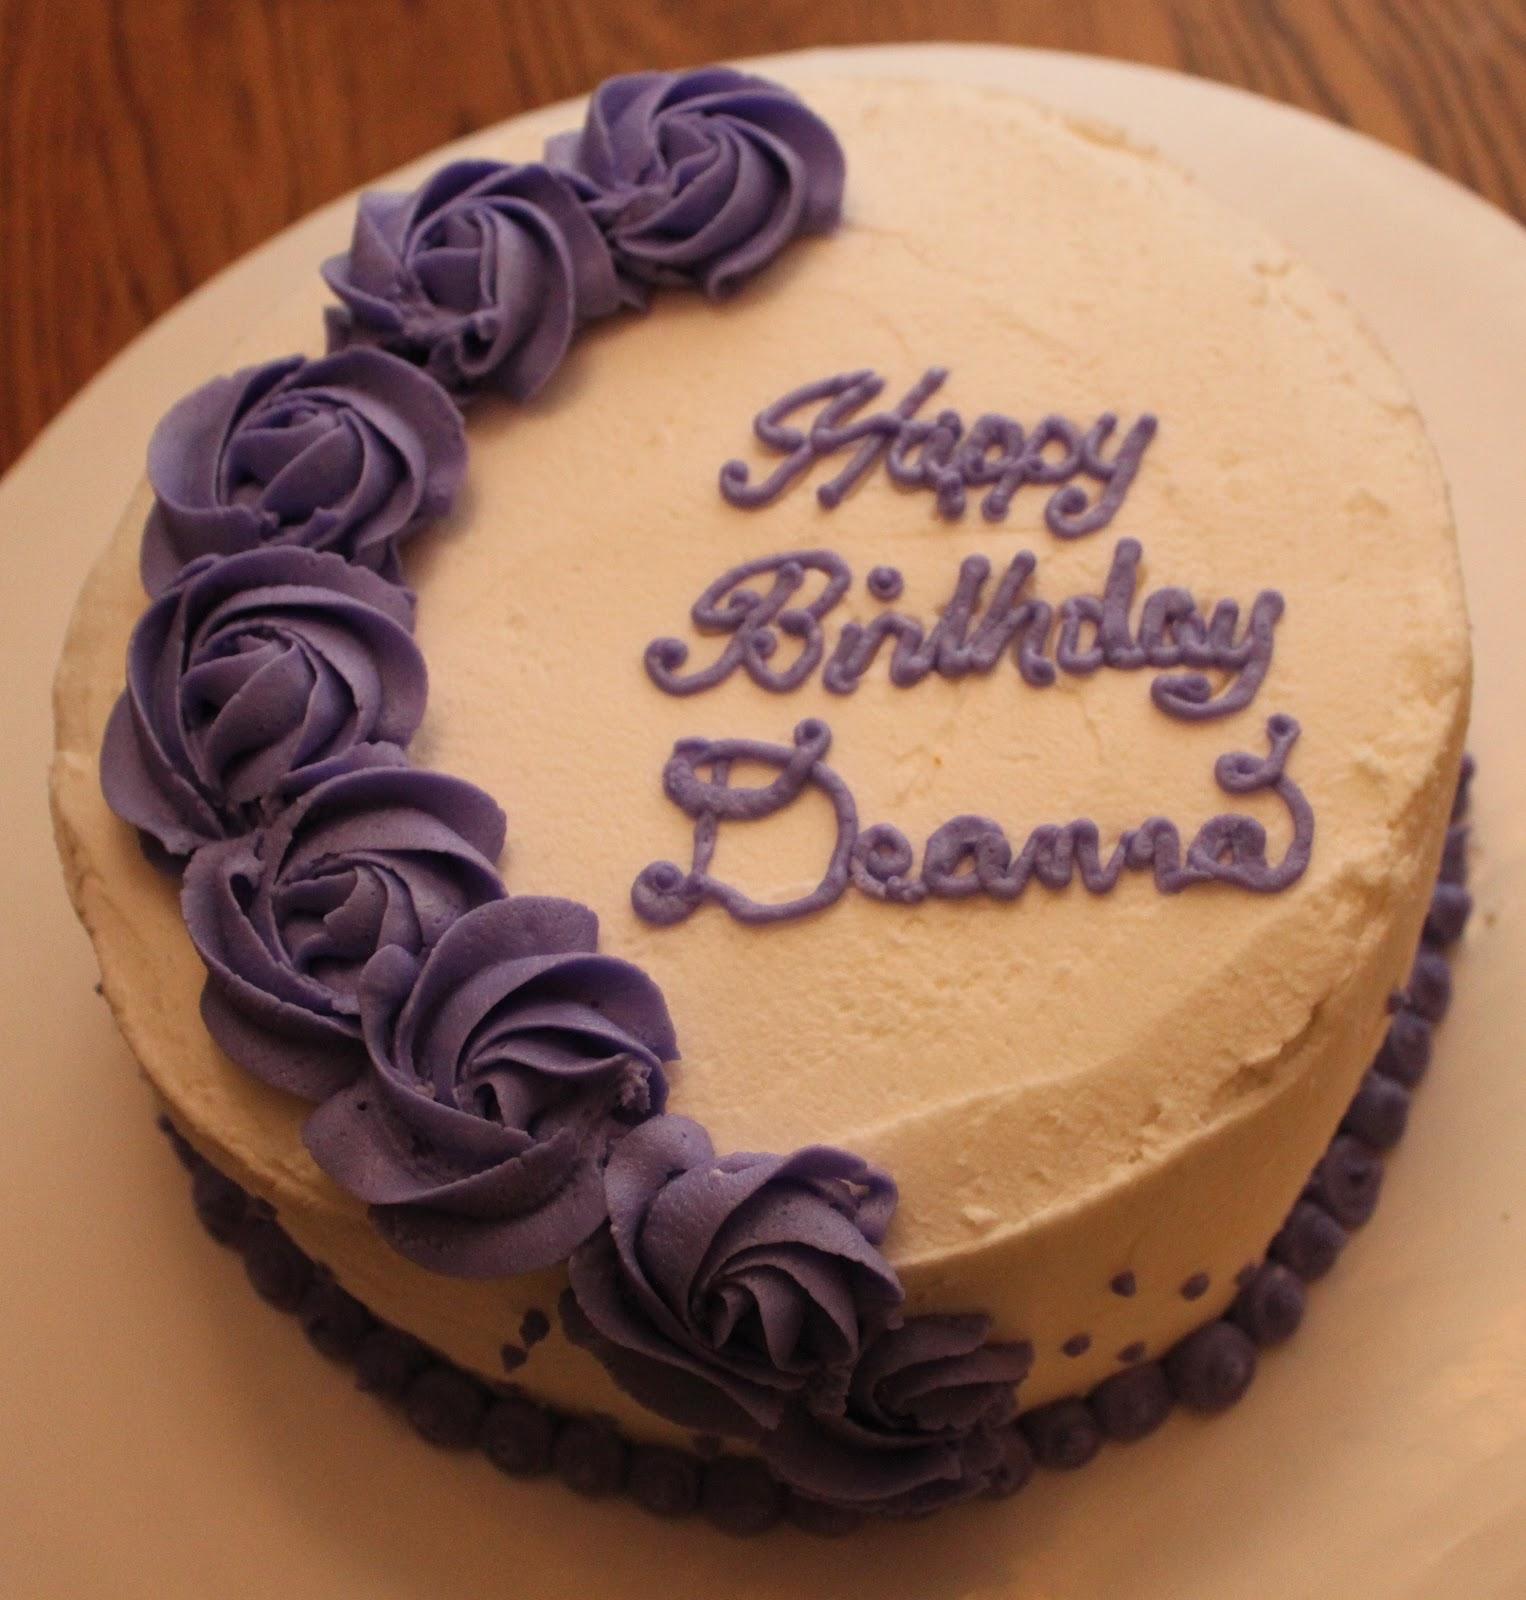 Cakes By Deanna